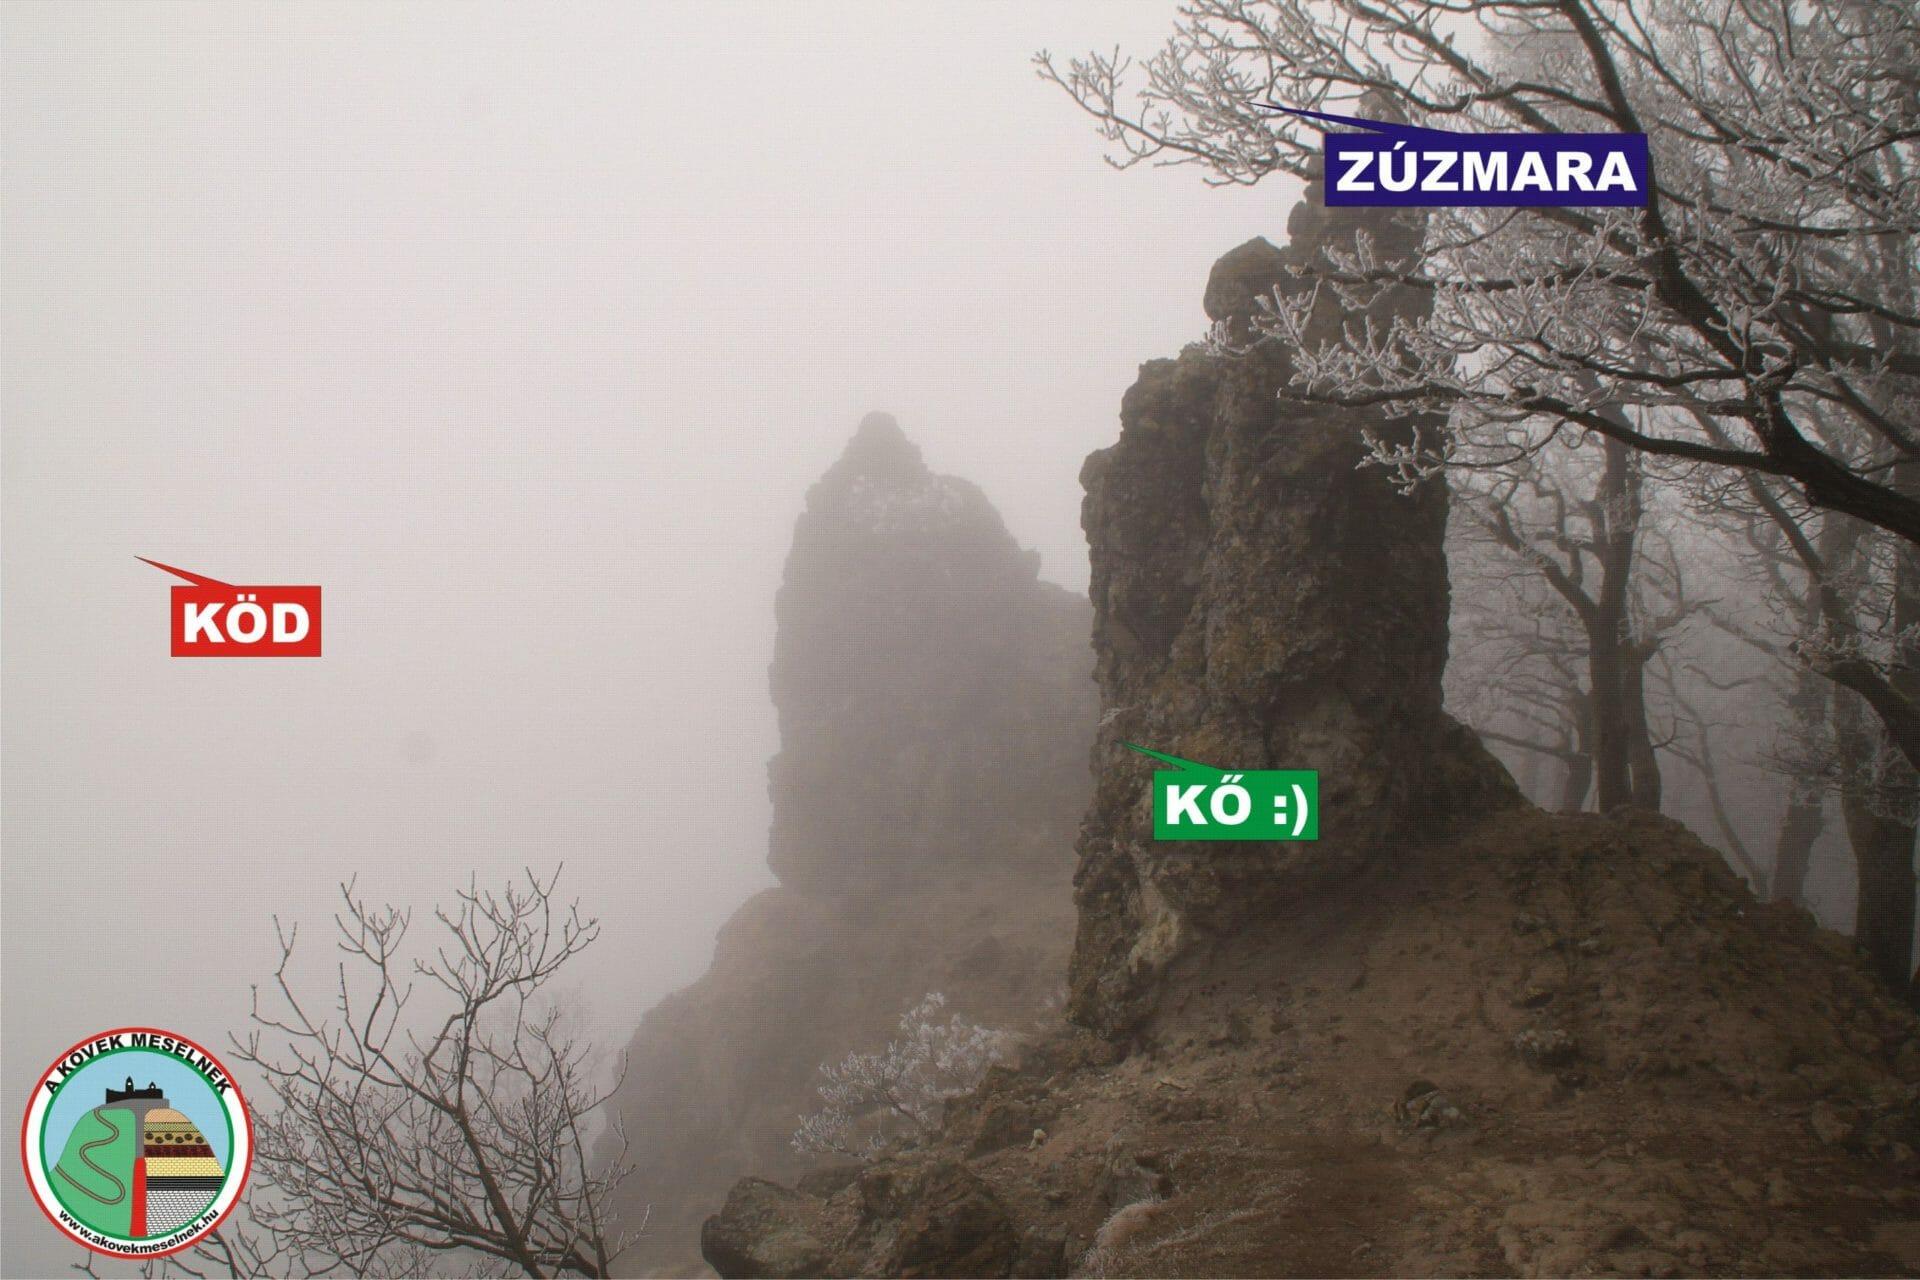 Zúzmara és köd (atmoszféra)